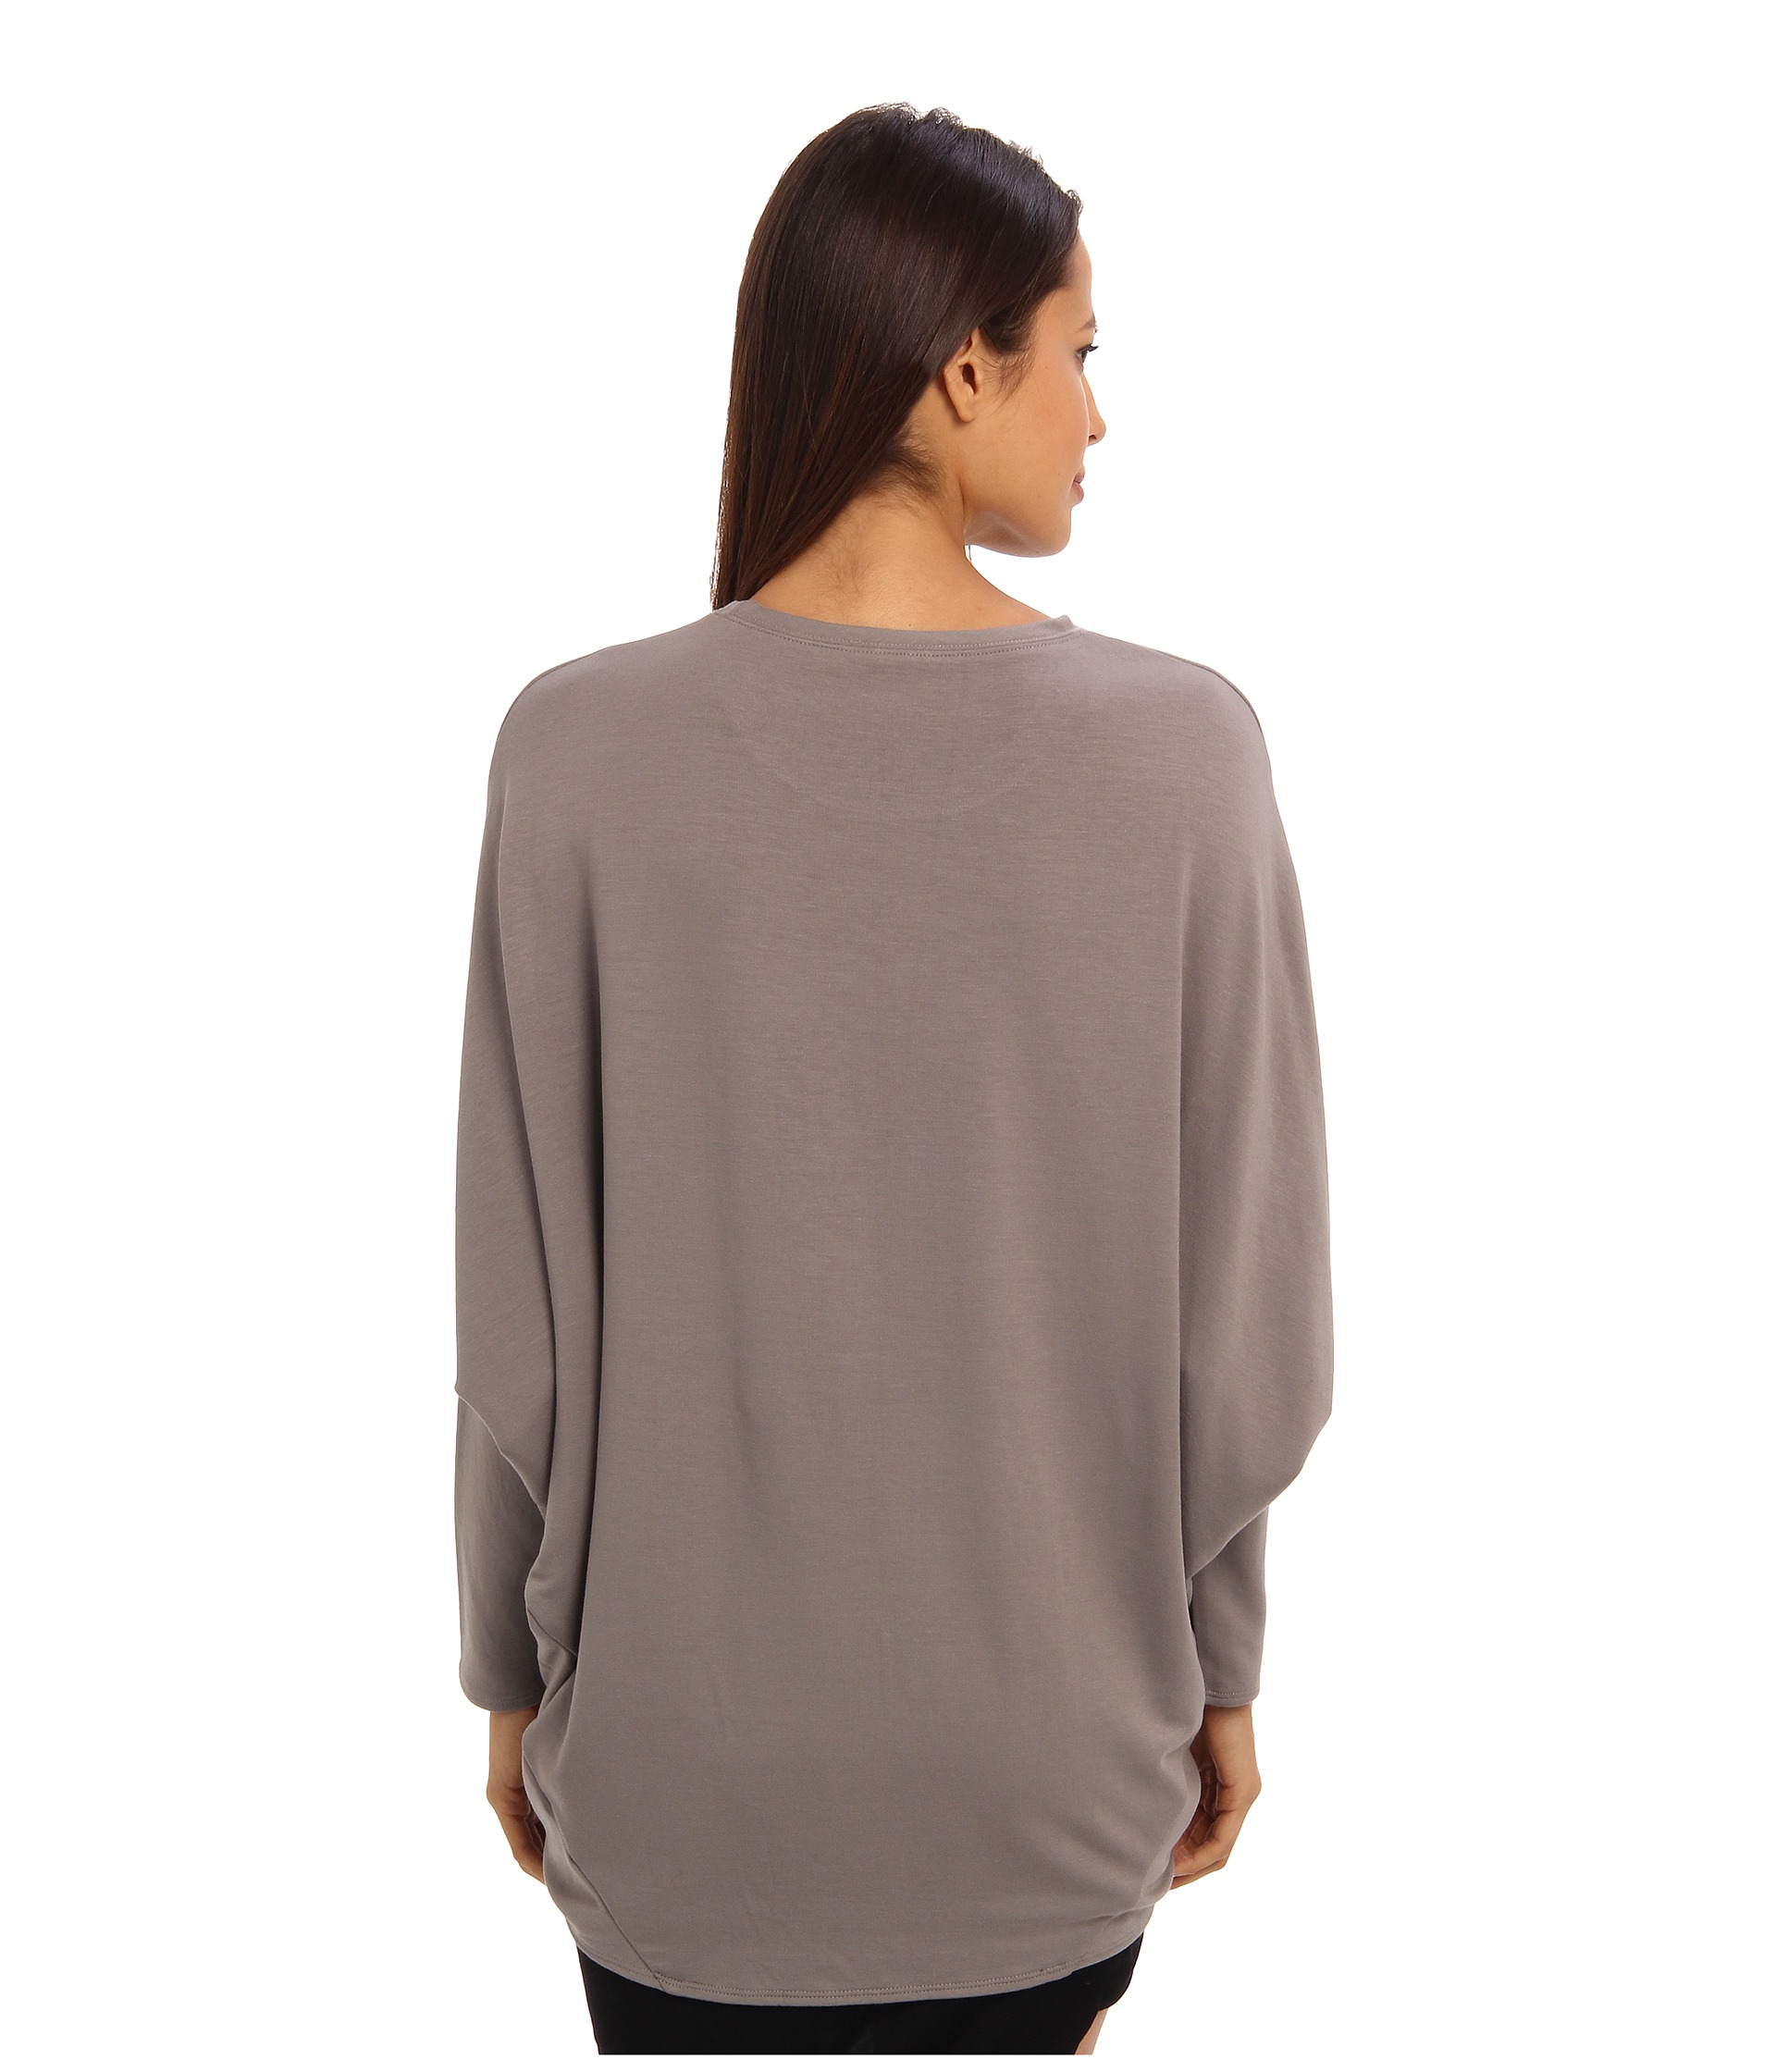 Lyst helmut lang round shape sweatshirt in gray - Sweatshirt kleid lang ...